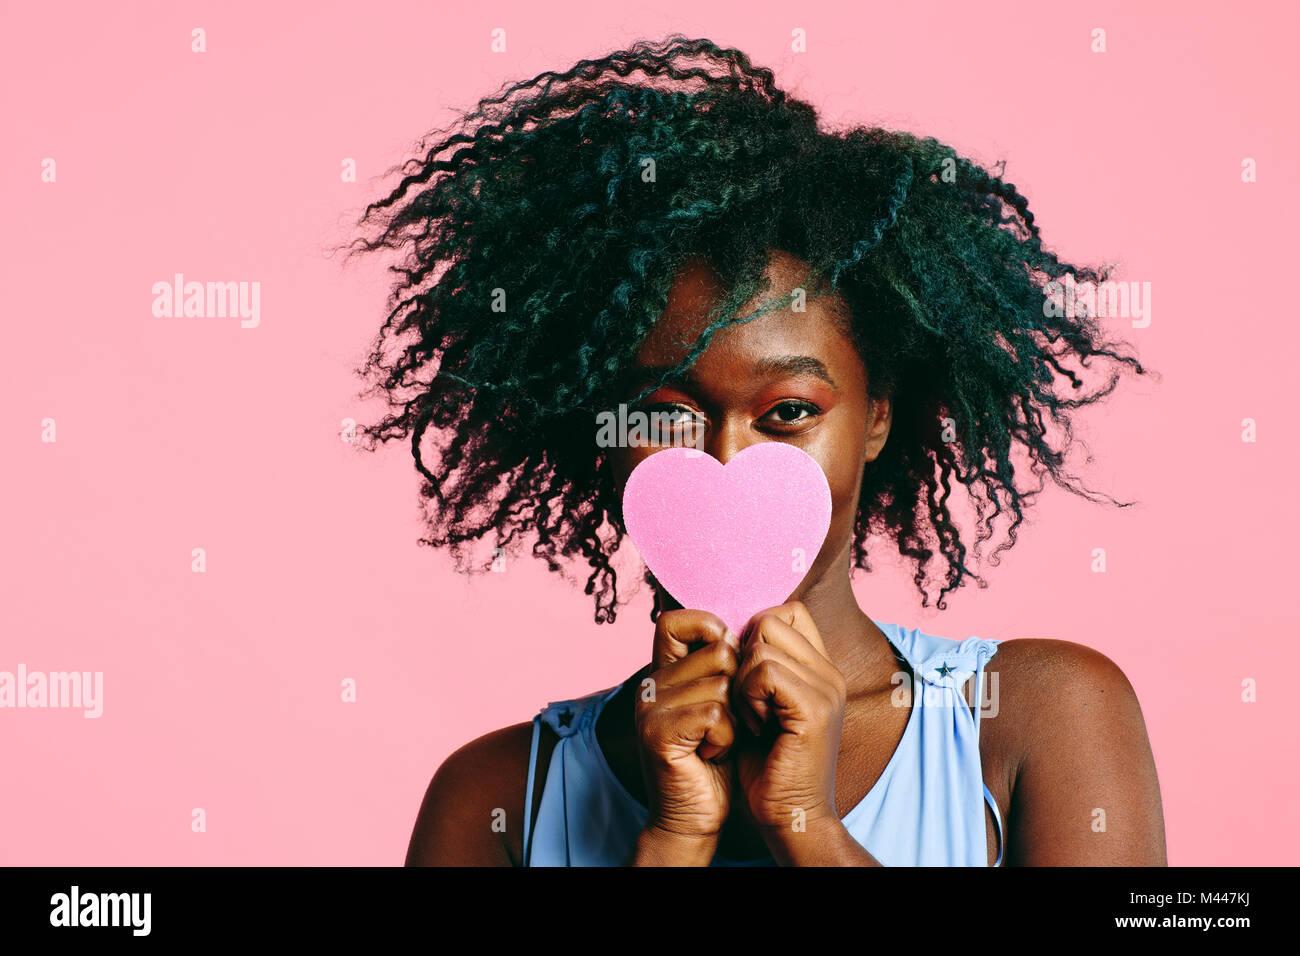 Ragazza con bluastro nero capelli ricci tenendo un cuore rosa davanti al suo volto Immagini Stock